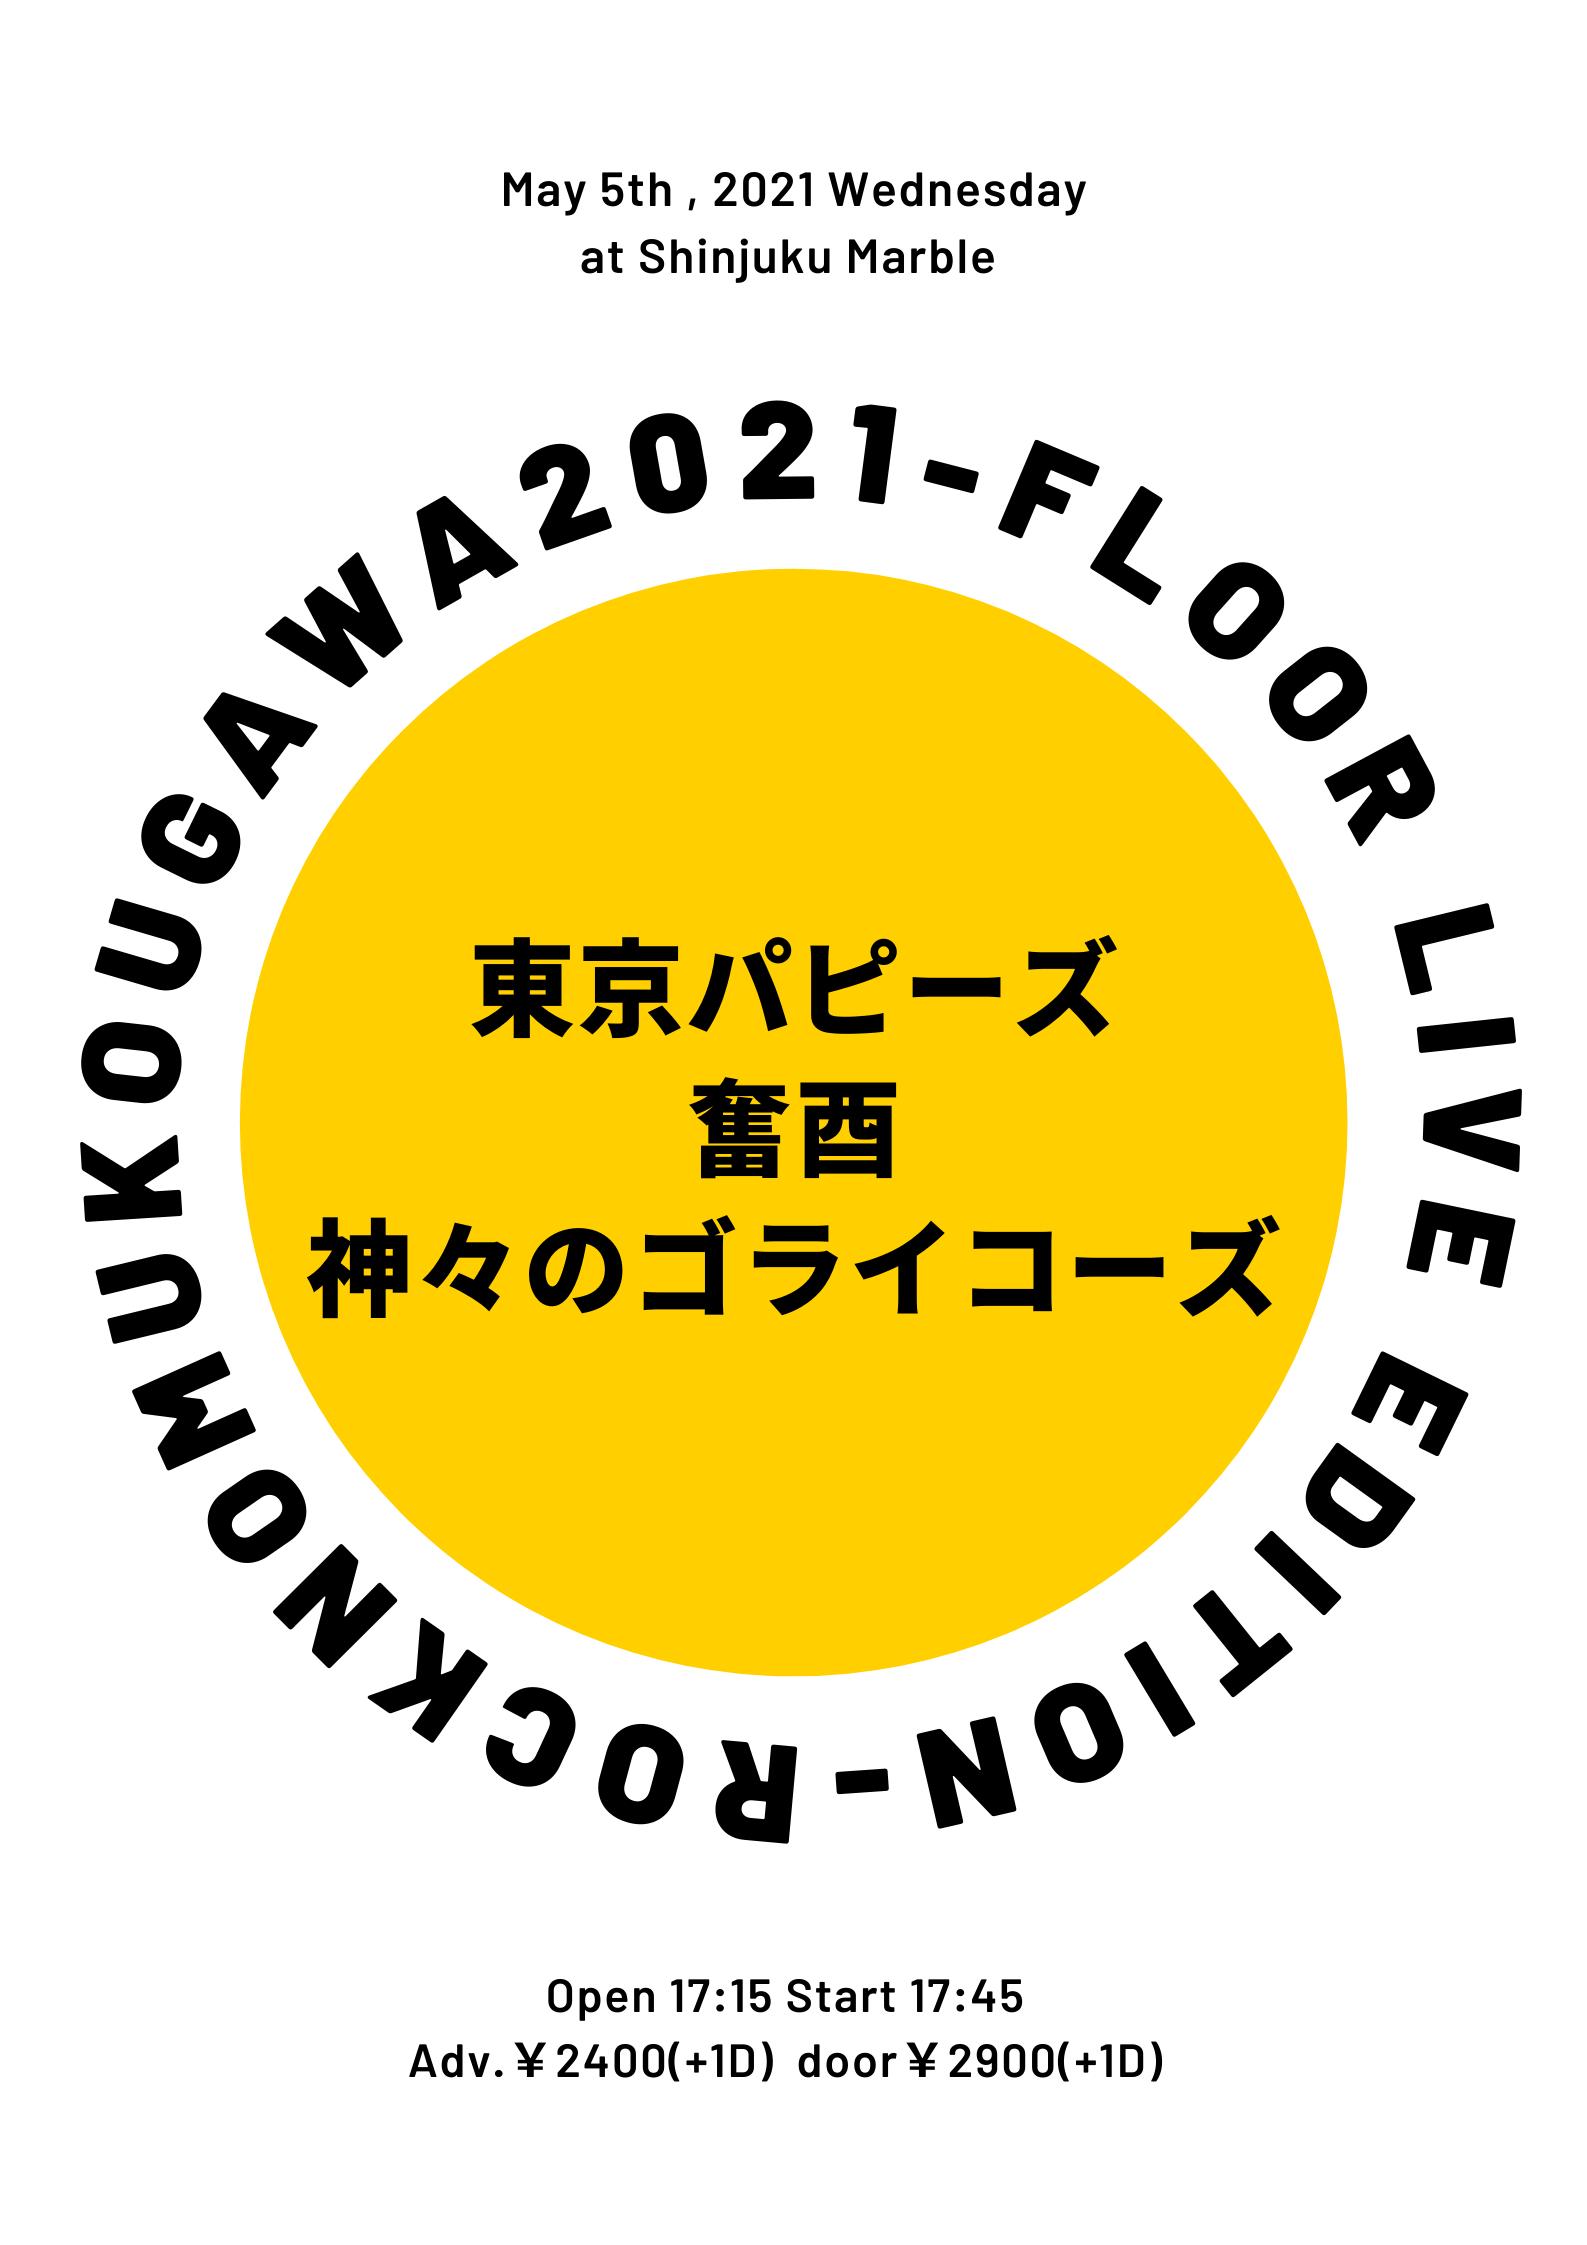 新宿Marble 17th ANNIVERSARY「ROCKNOMUKOUGAWA2021-FLOOR LIVE EDITION-」